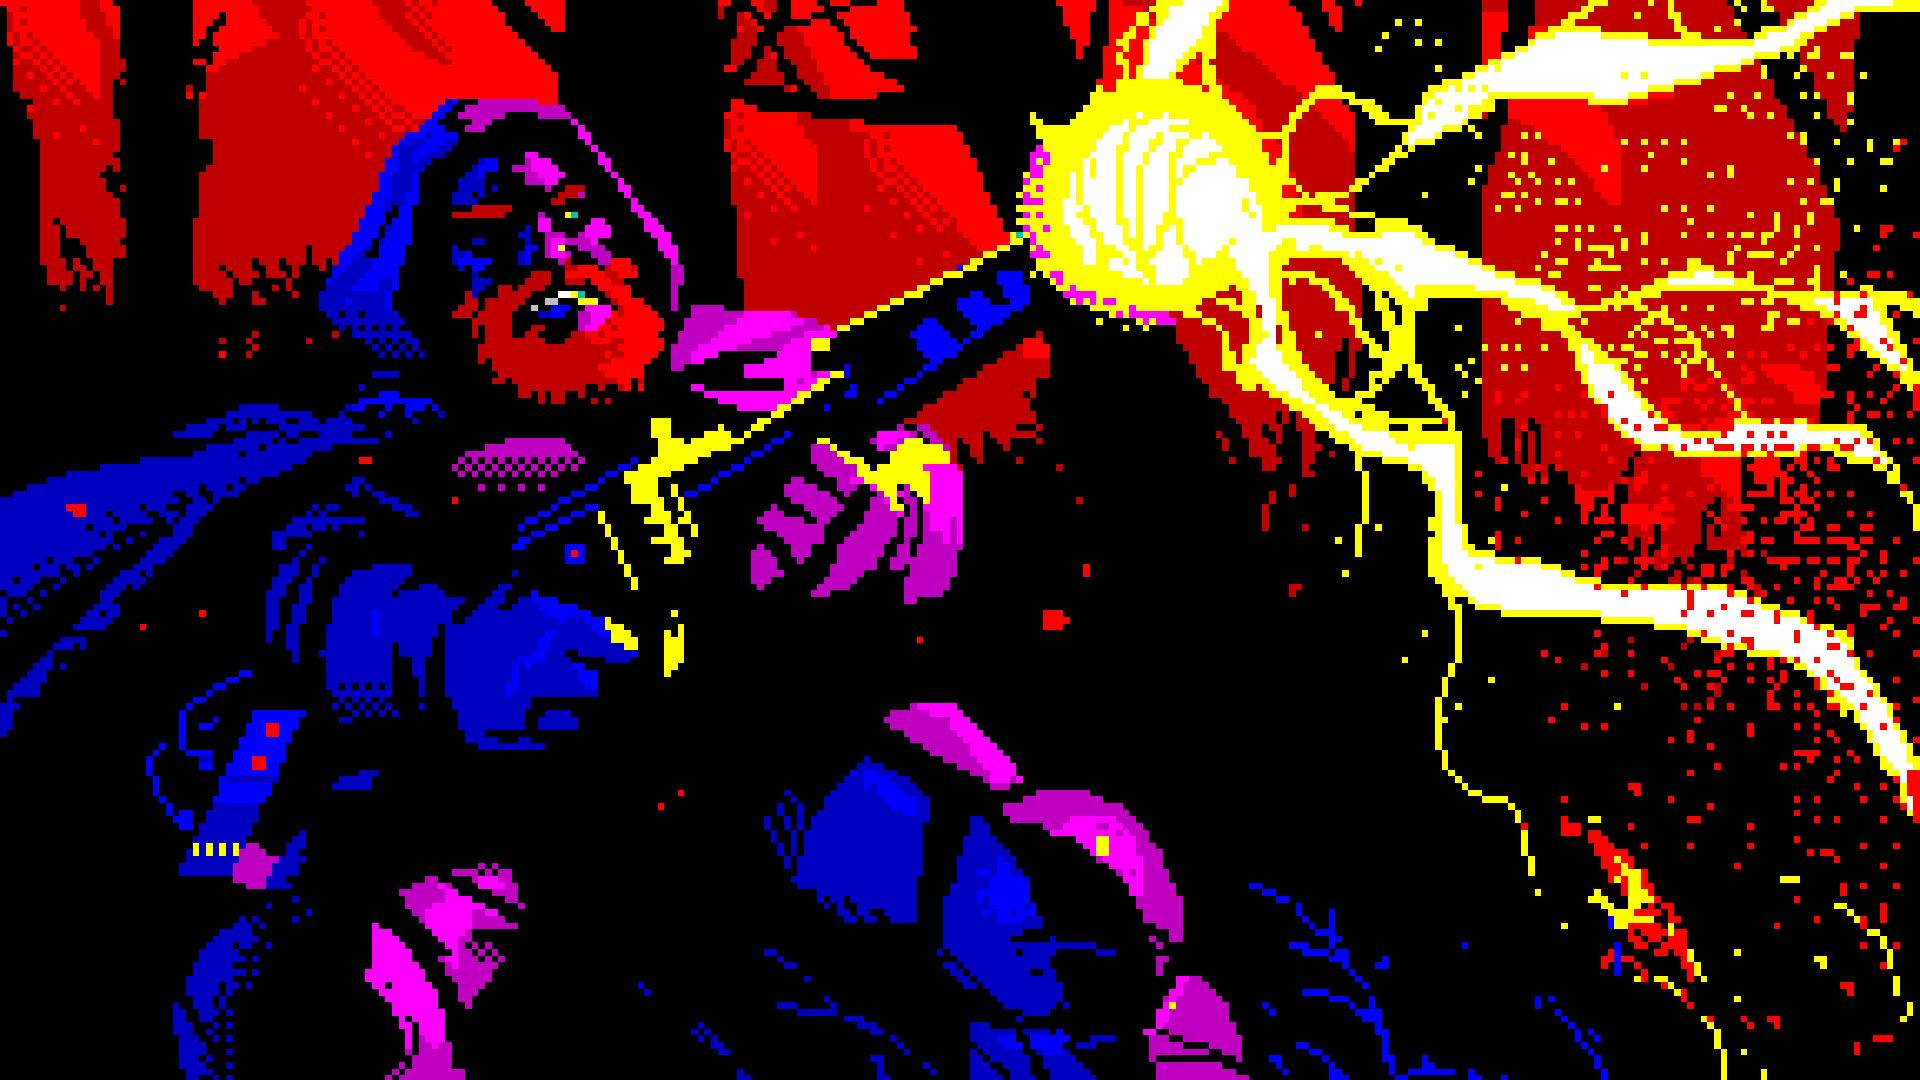 A dwarf fires a gun